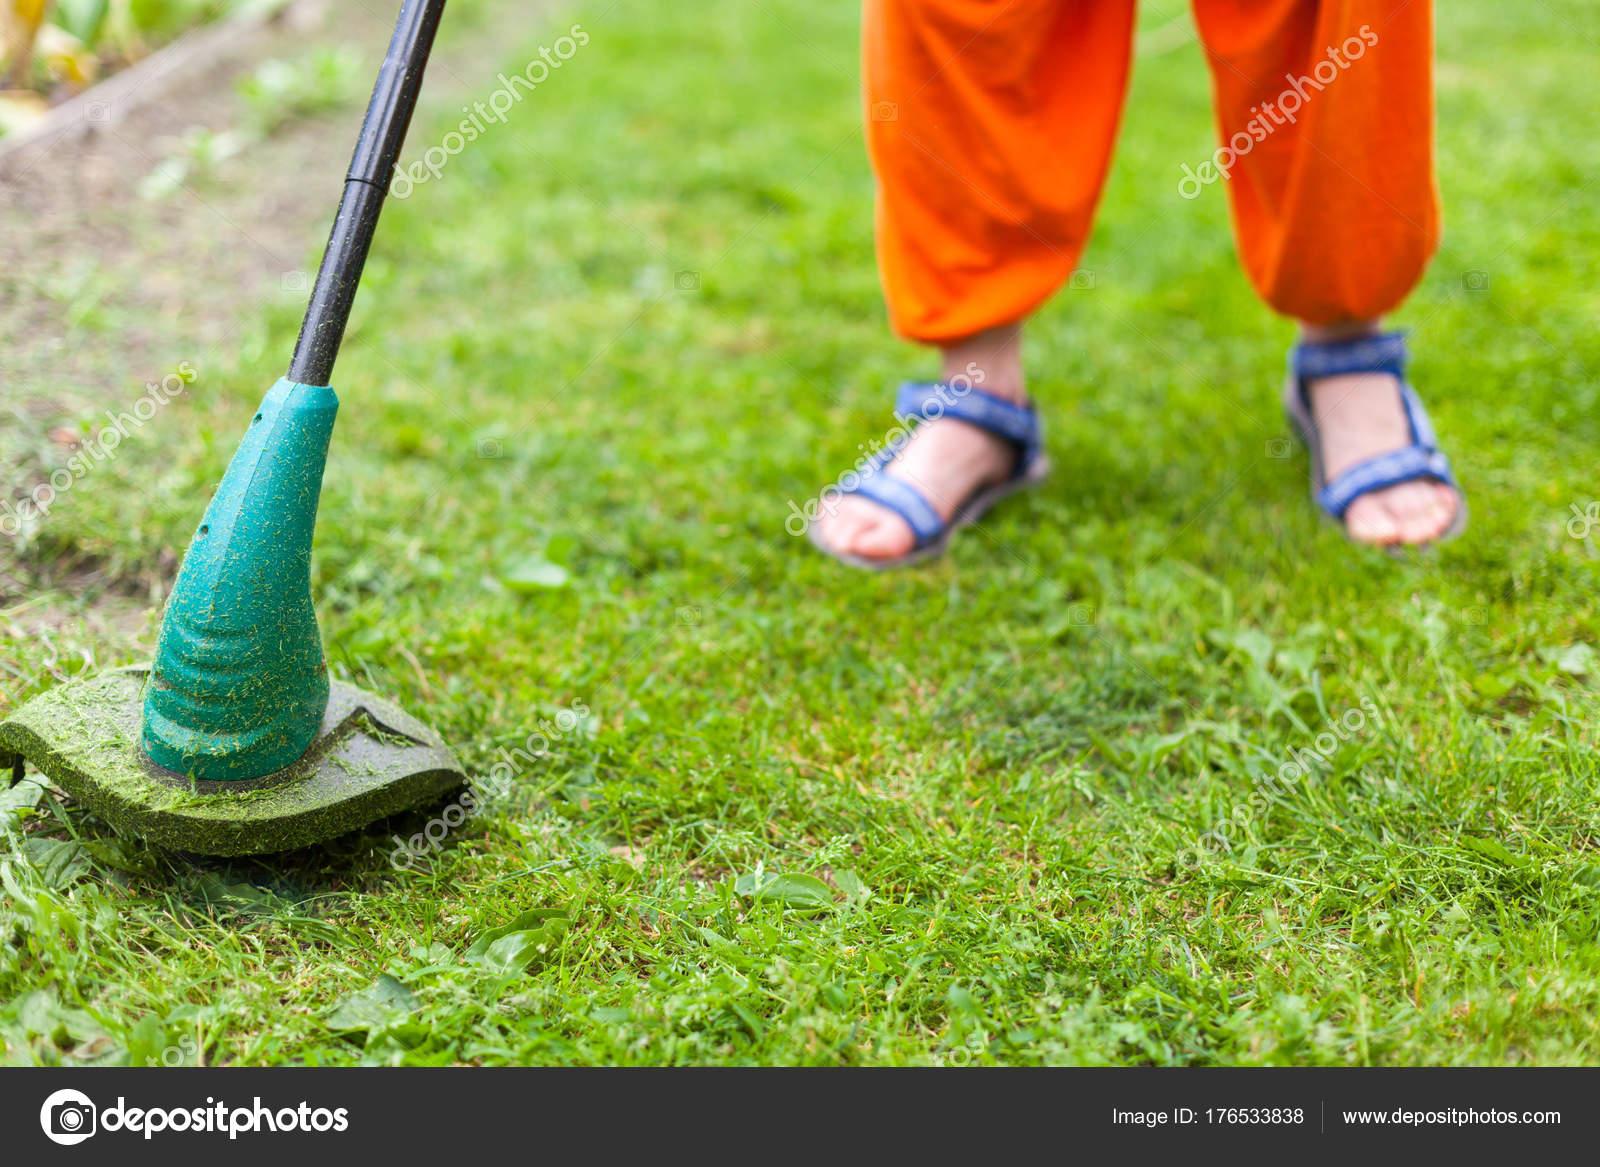 c92011000 Benzin gyep trimmer mows lédús zöld fű a pázsiton, egy napsütéses nyári  napon. Közeli kép: szelektív fókusz a kép. Kerti berendezések.